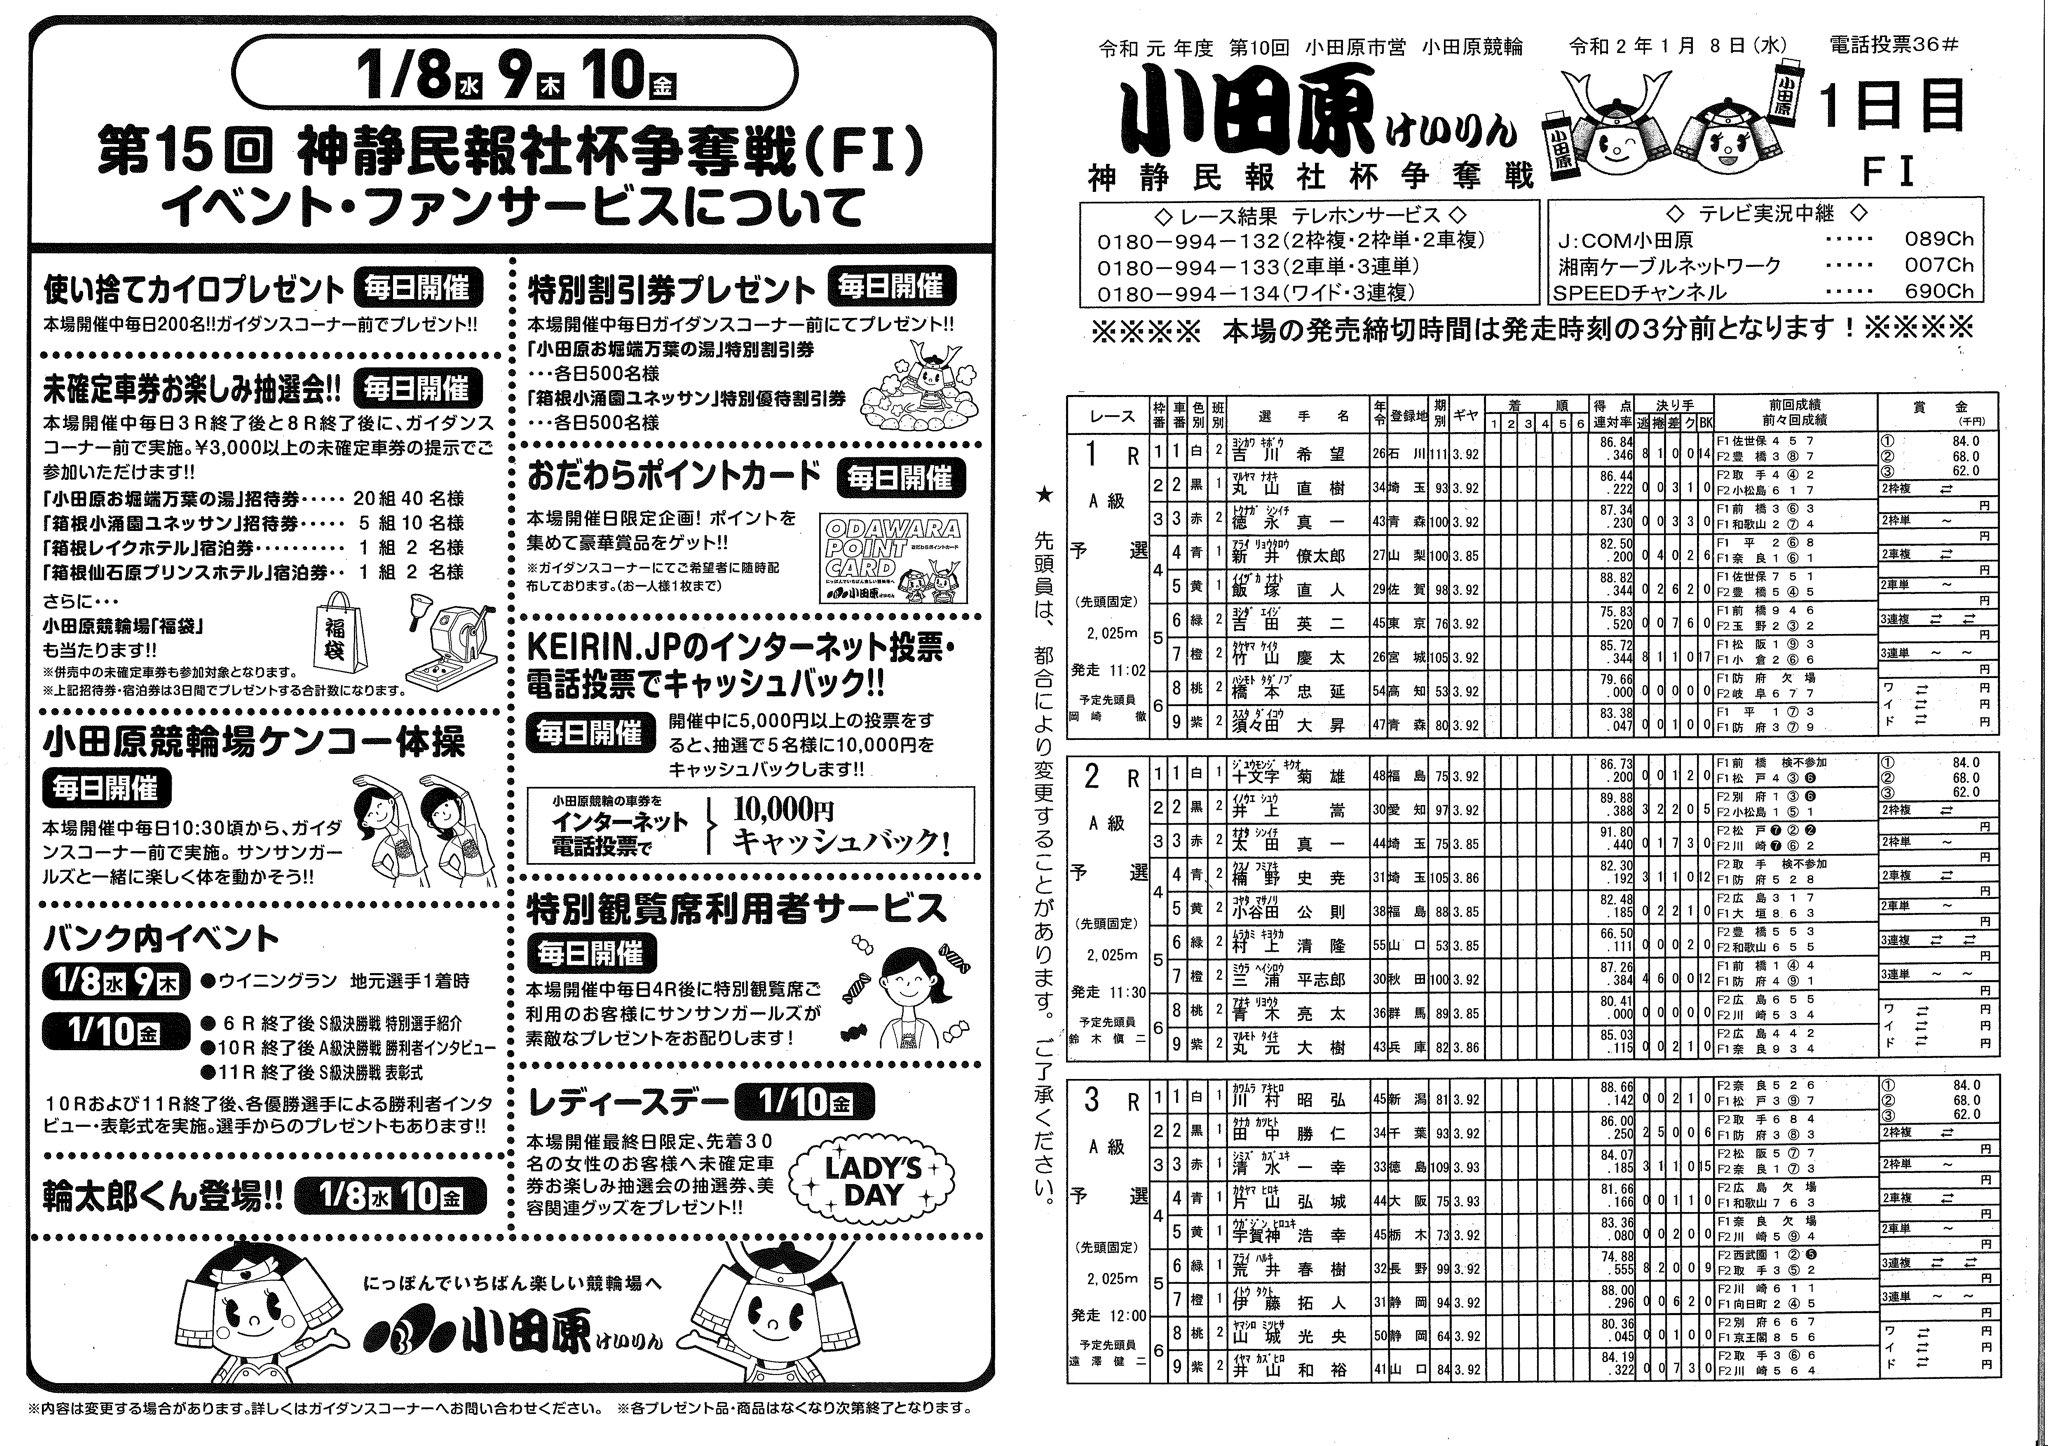 小田原競輪 実況